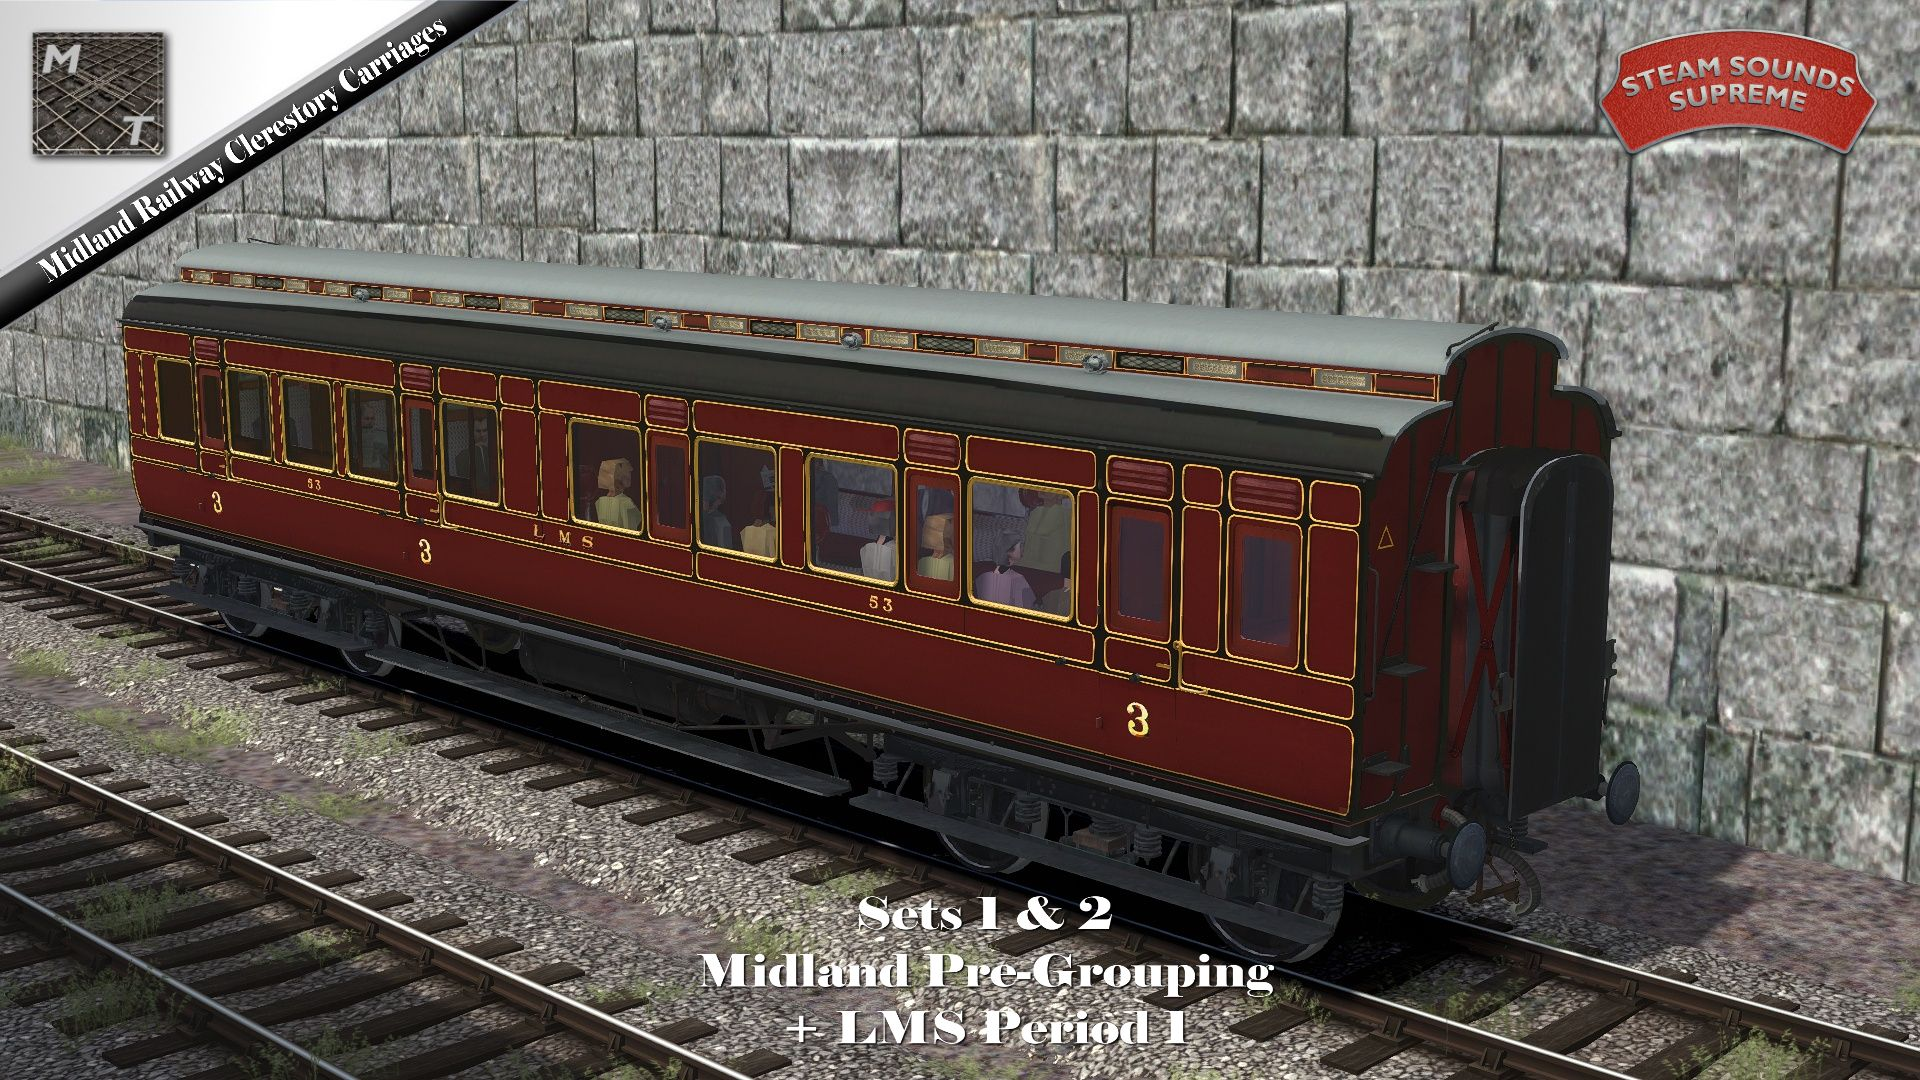 MidlandClerestorySet1+2_23.jpg